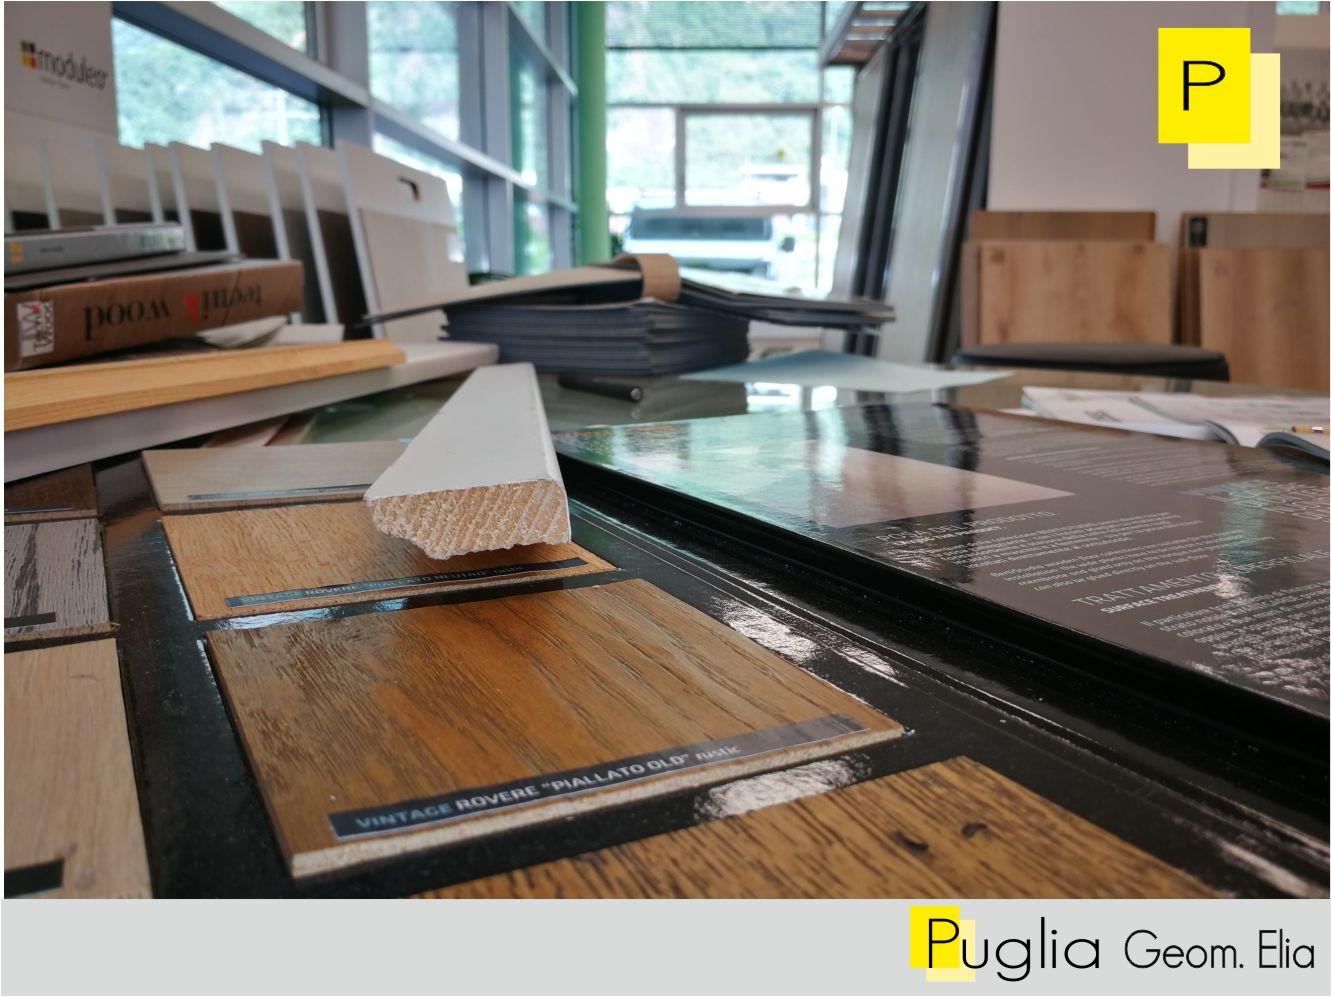 Puglia pavimenti Bolzano | parquette parquet laminati pvc moquette levigature